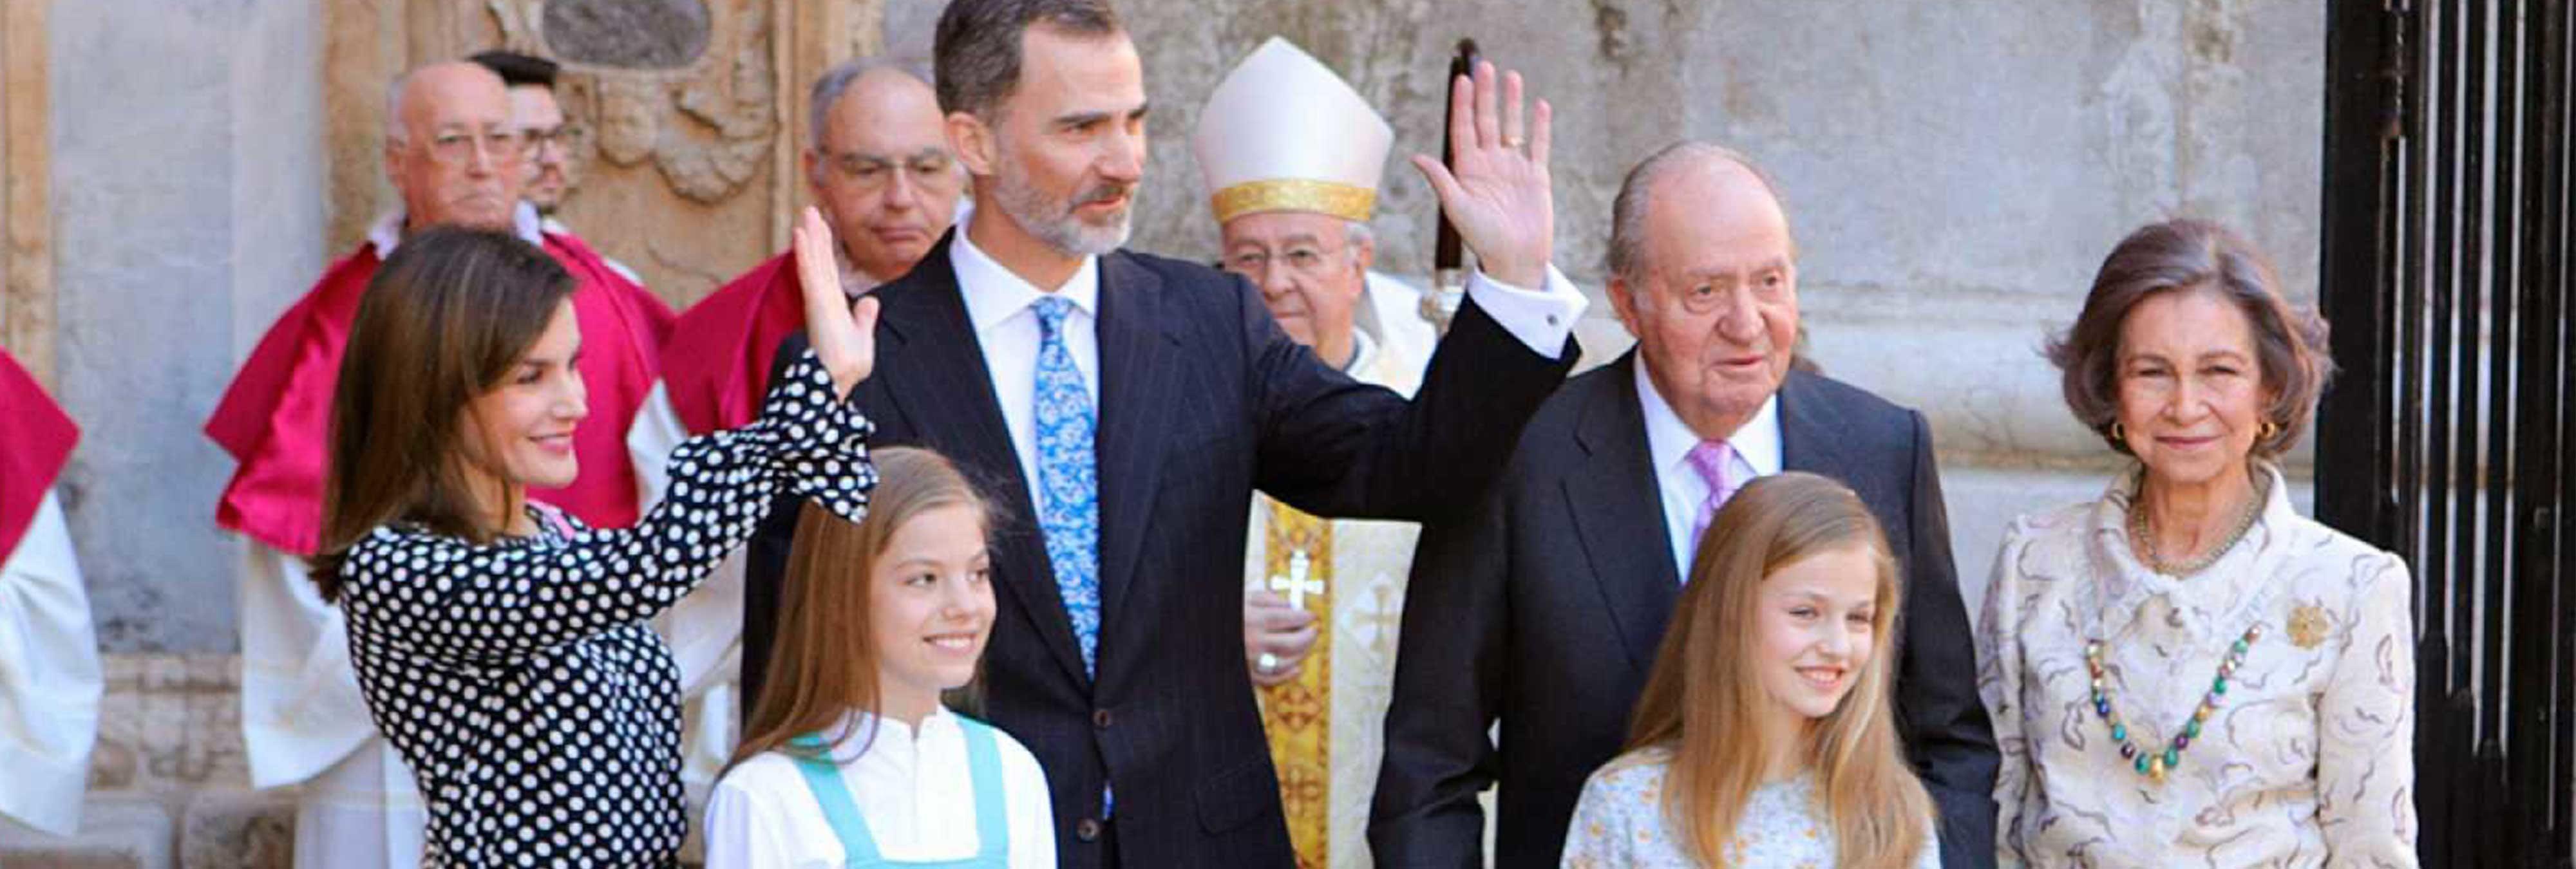 El PSOE se niega a suprimir la inviolabilidad de la Familia Real